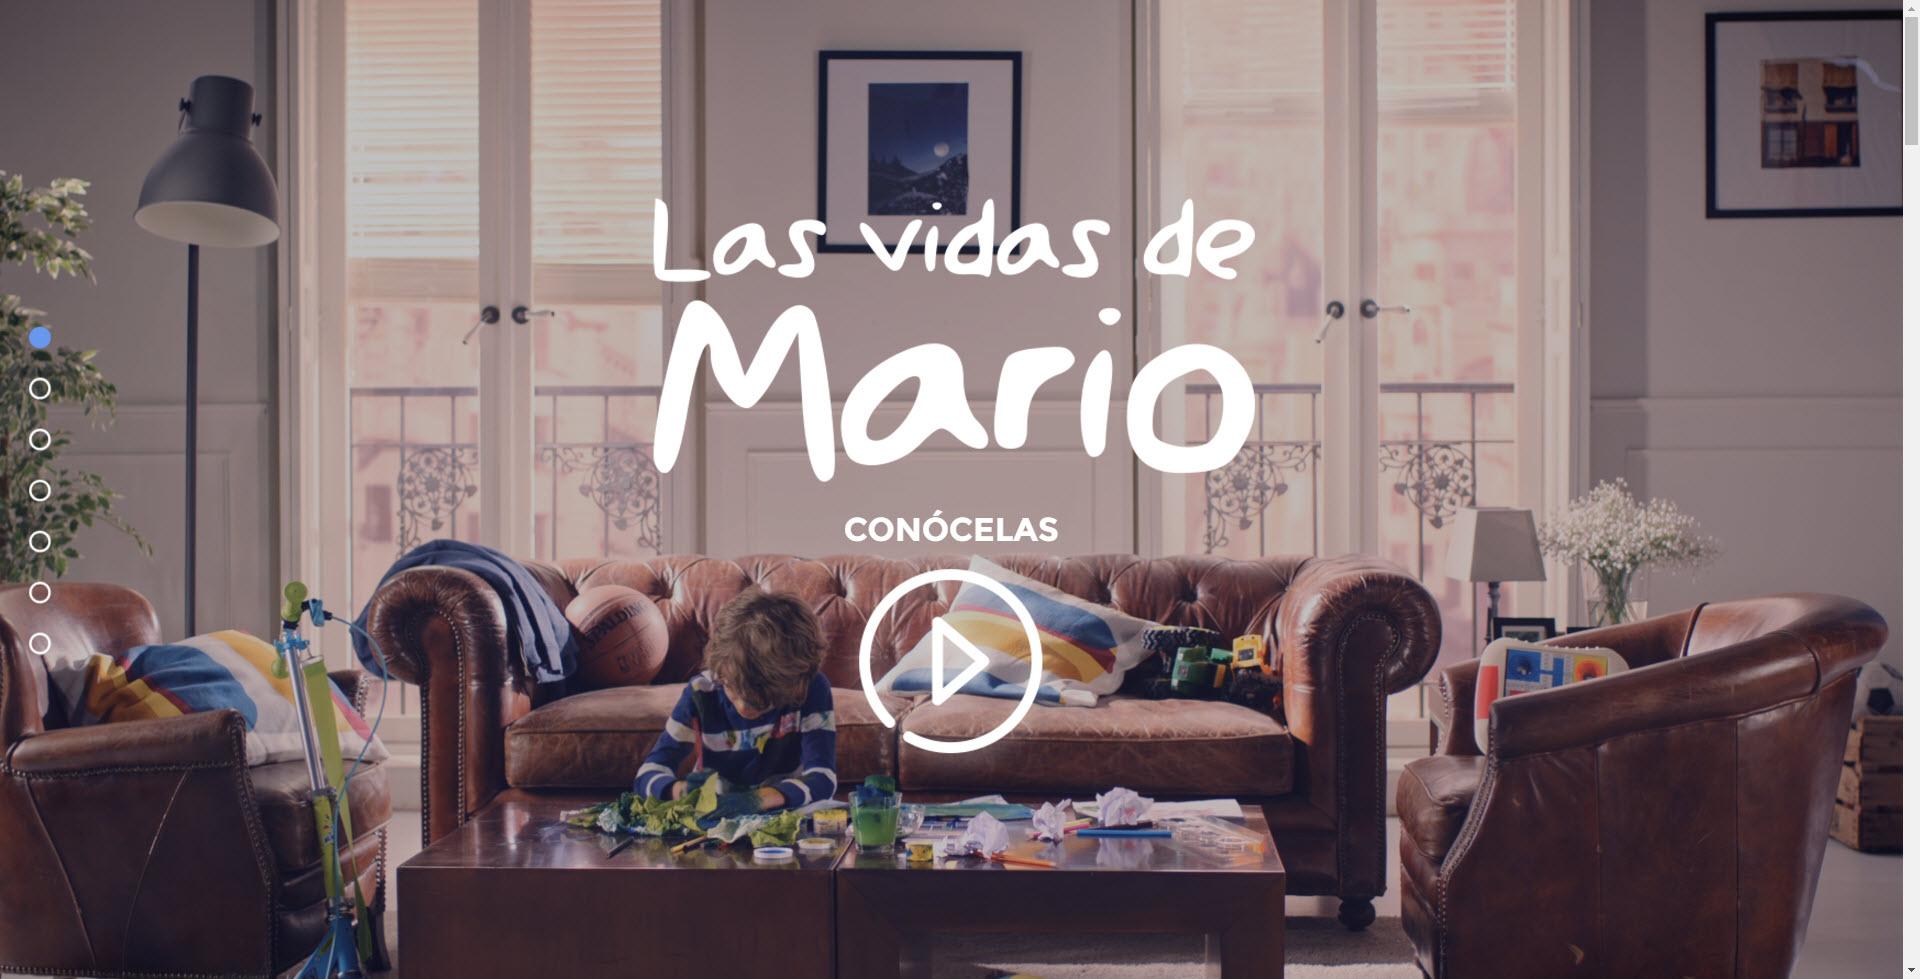 Las Vidas de Mario image